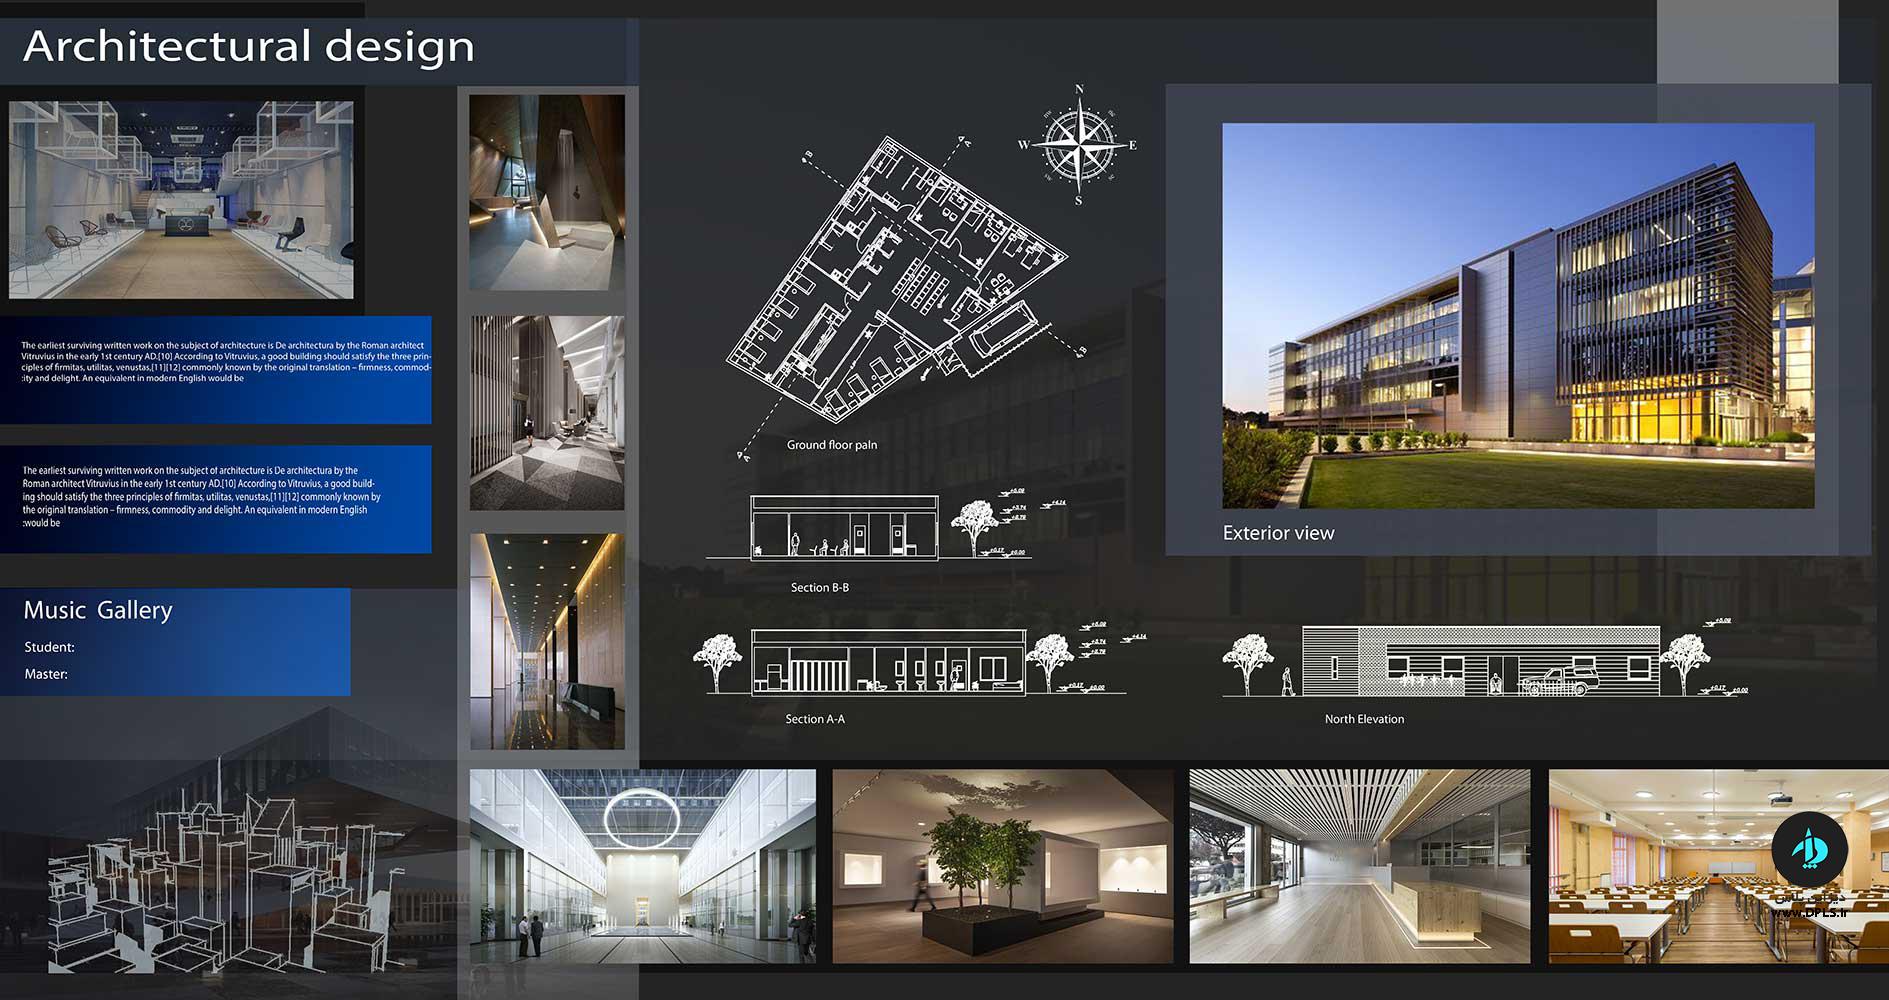 دانلود شیت لایه باز مشکی متری 1 - استودیو هنر و معماری دیزاین پلاس